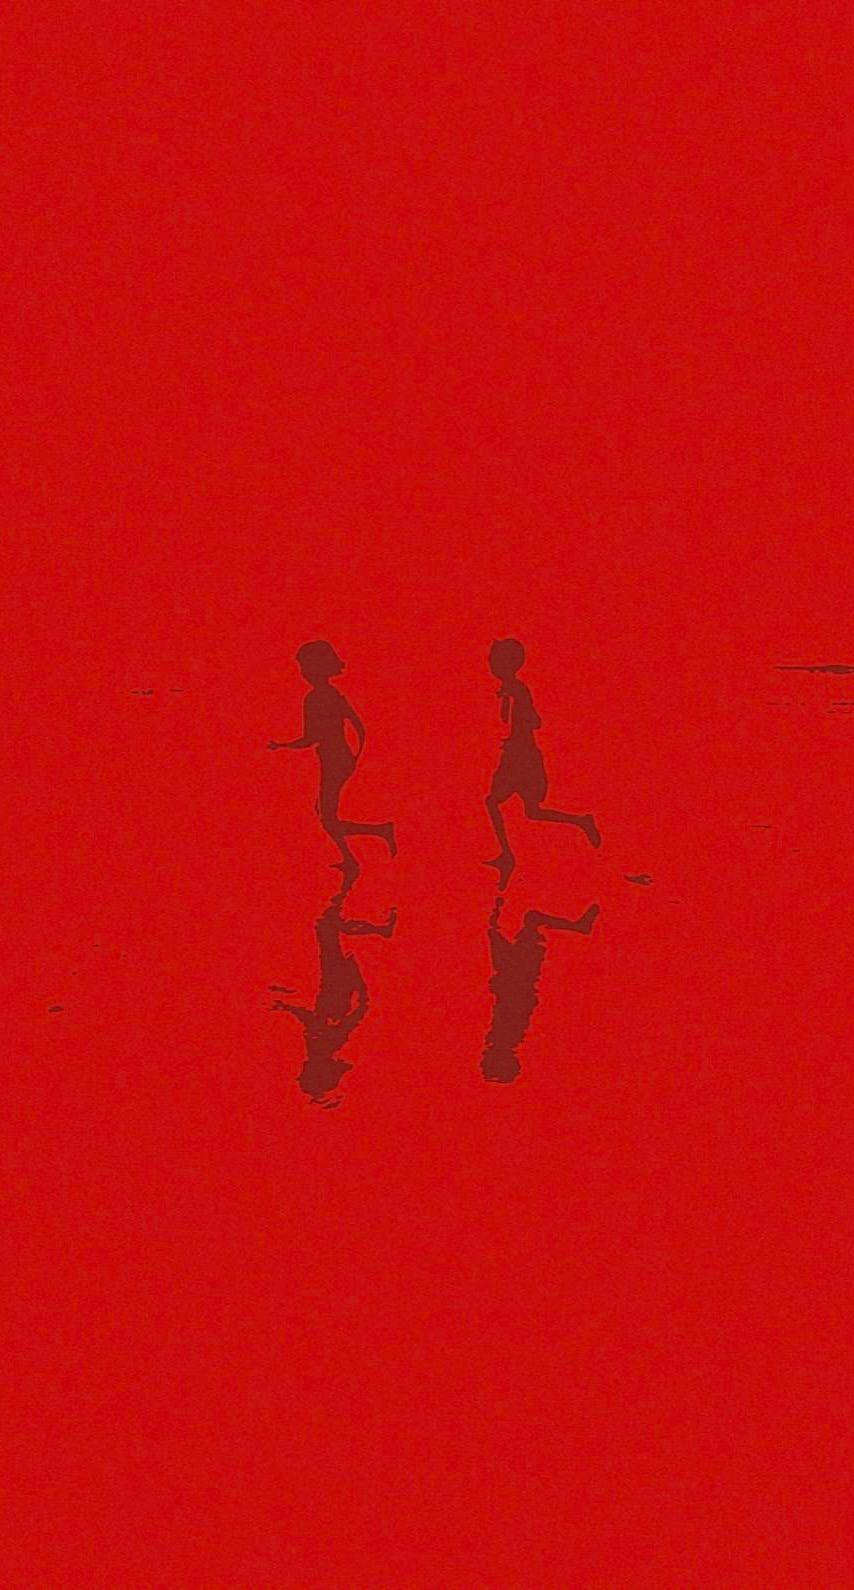 イラストキャラ赤 Wallpaper Sc Iphone6s壁紙